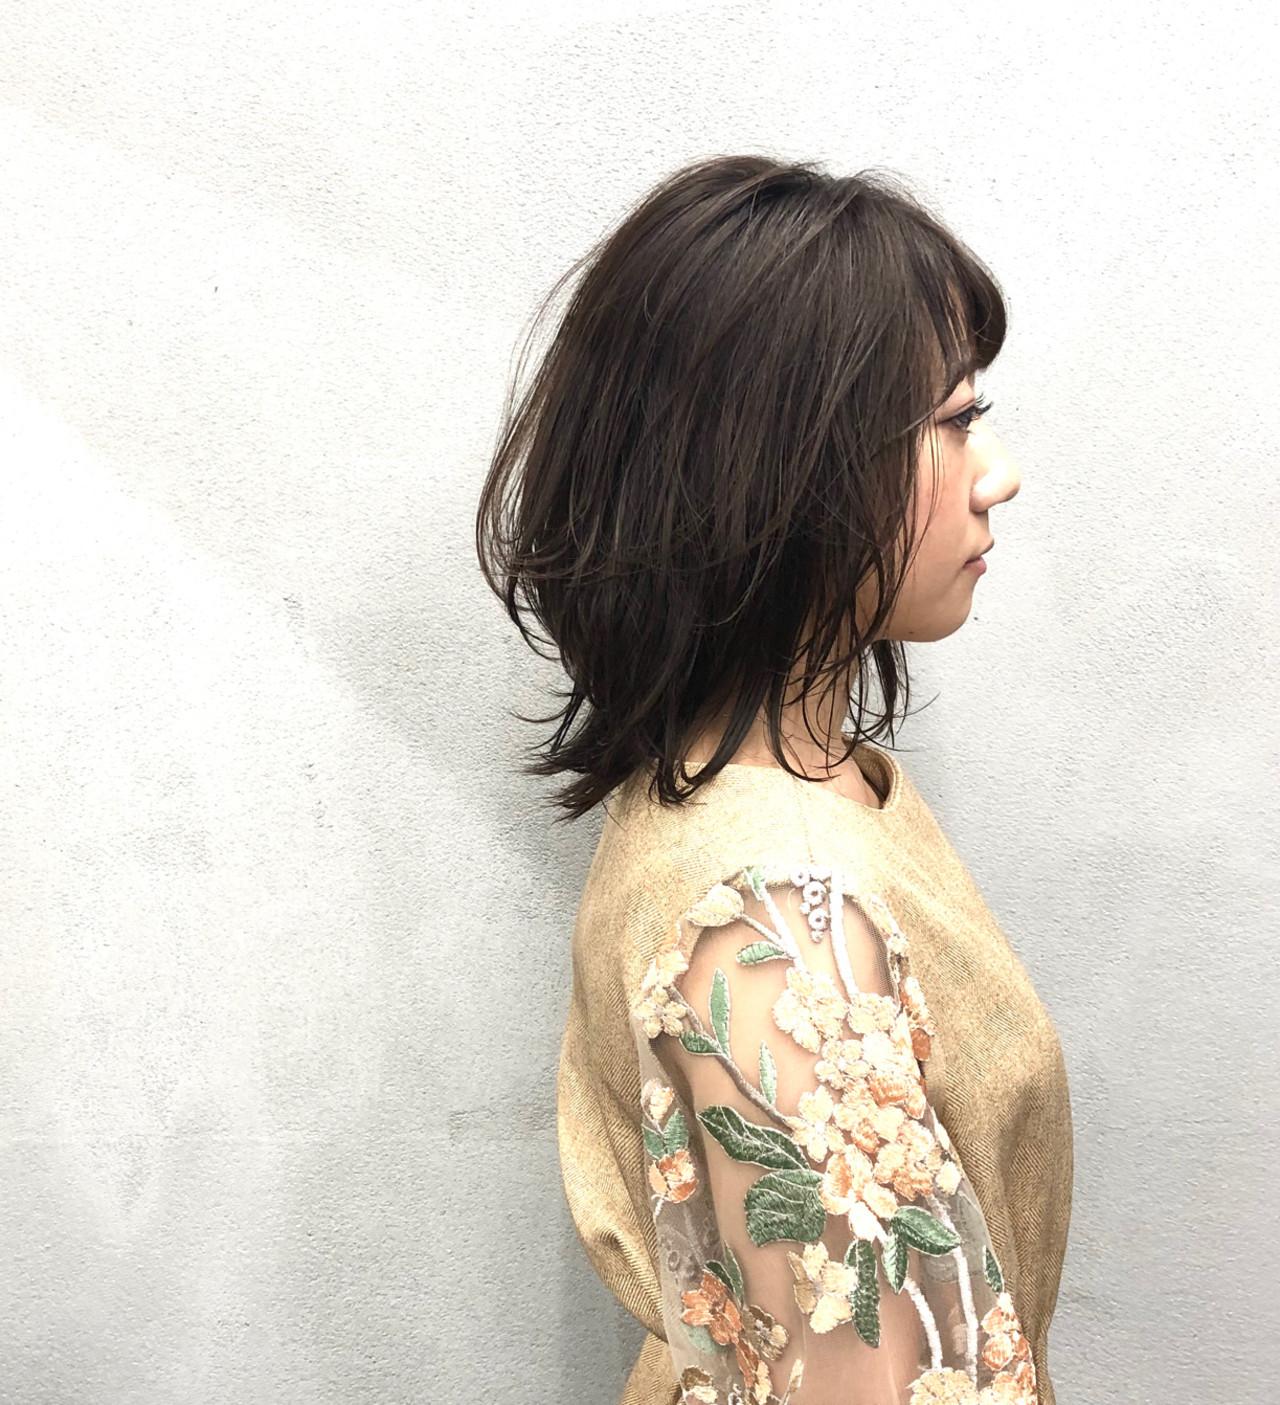 ワンカールスタイリング アッシュベージュ 簡単スタイリング ナチュラル ヘアスタイルや髪型の写真・画像